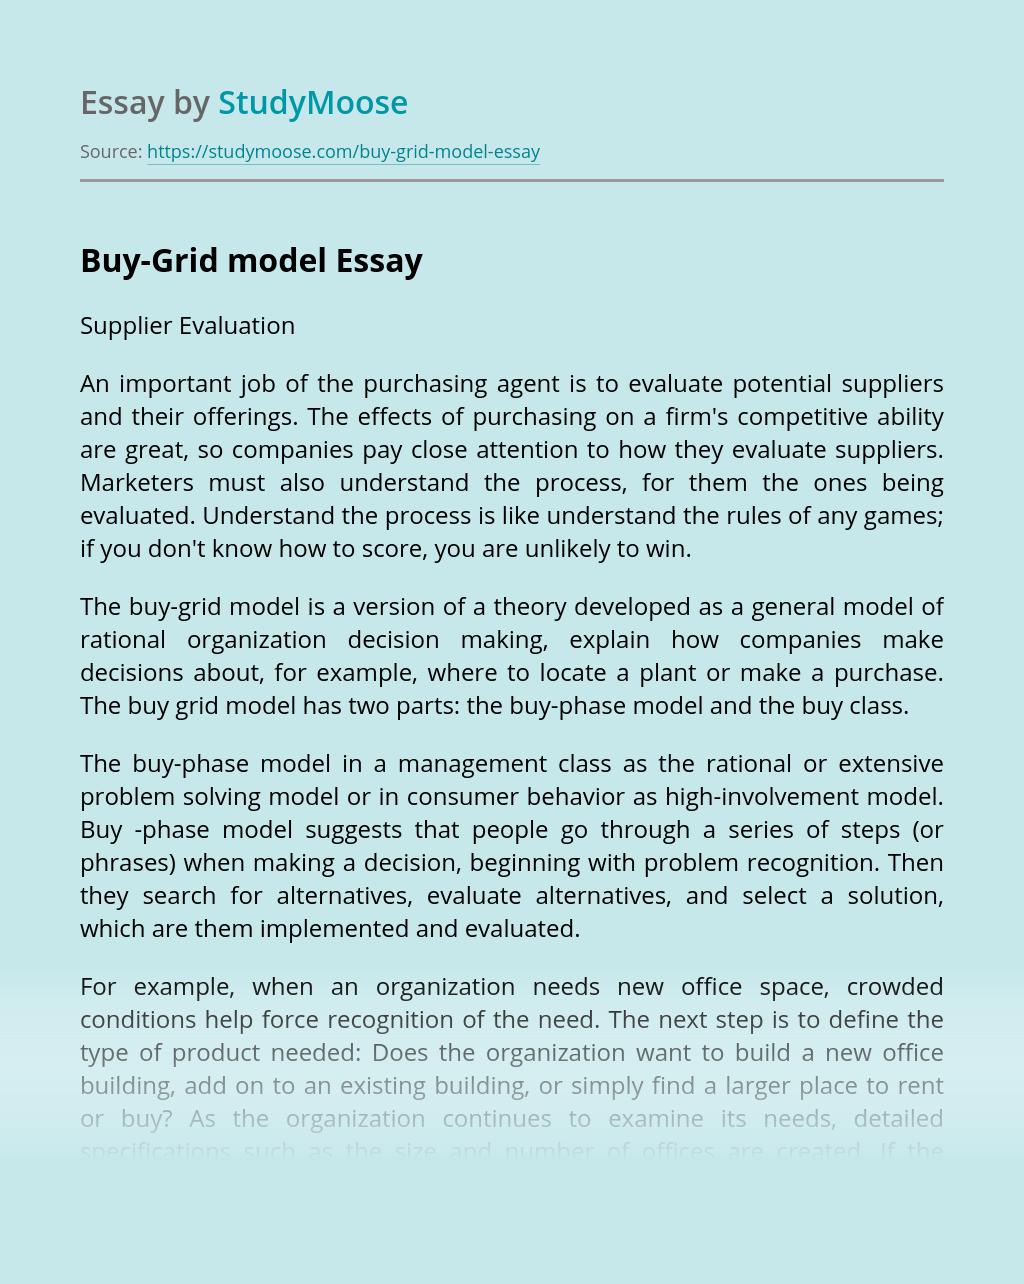 Buy-Grid model